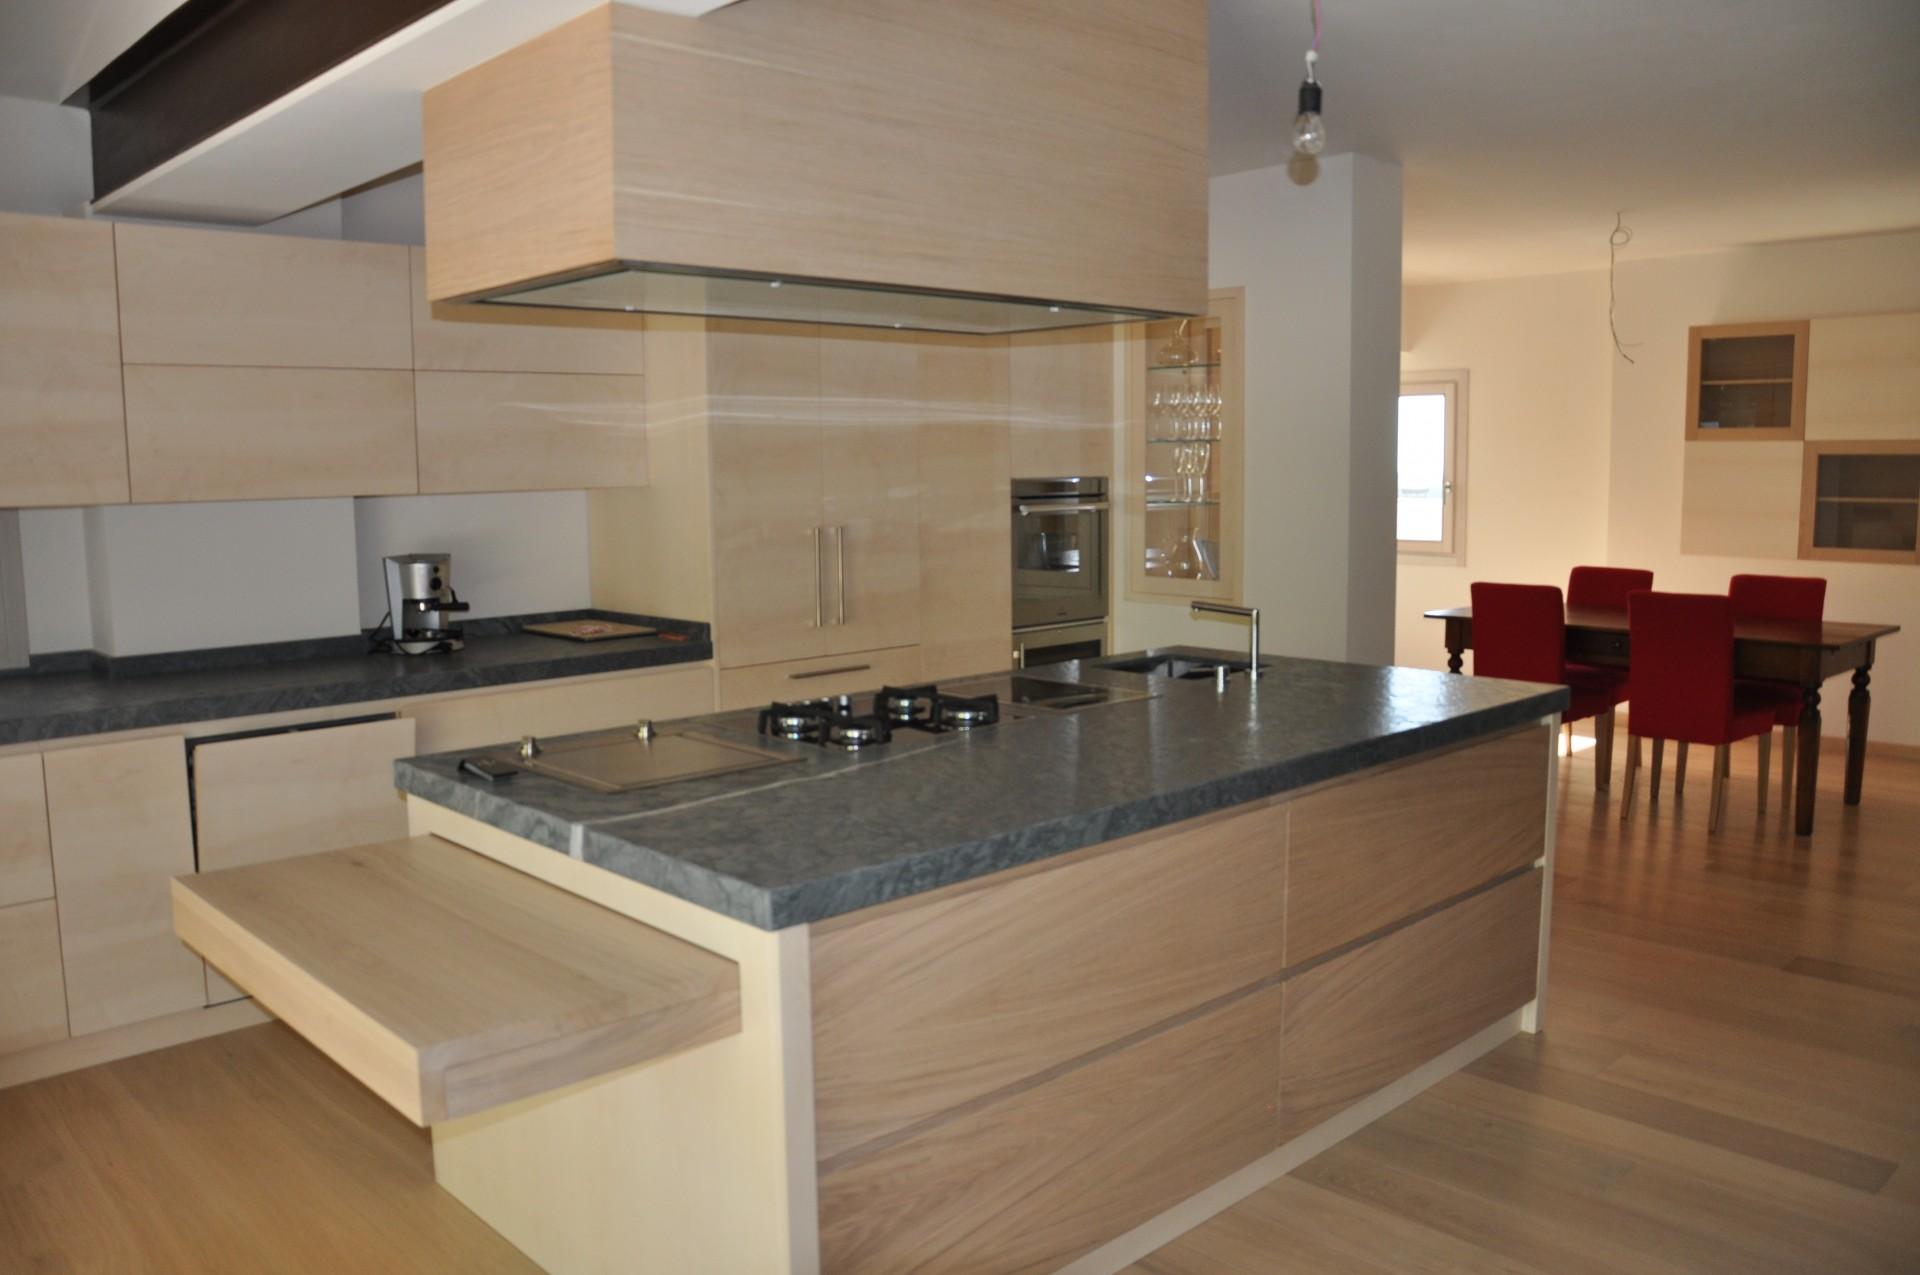 Cucine A Vista Con Bancone ~ Trova le Migliori idee per Mobili e Interni di D...